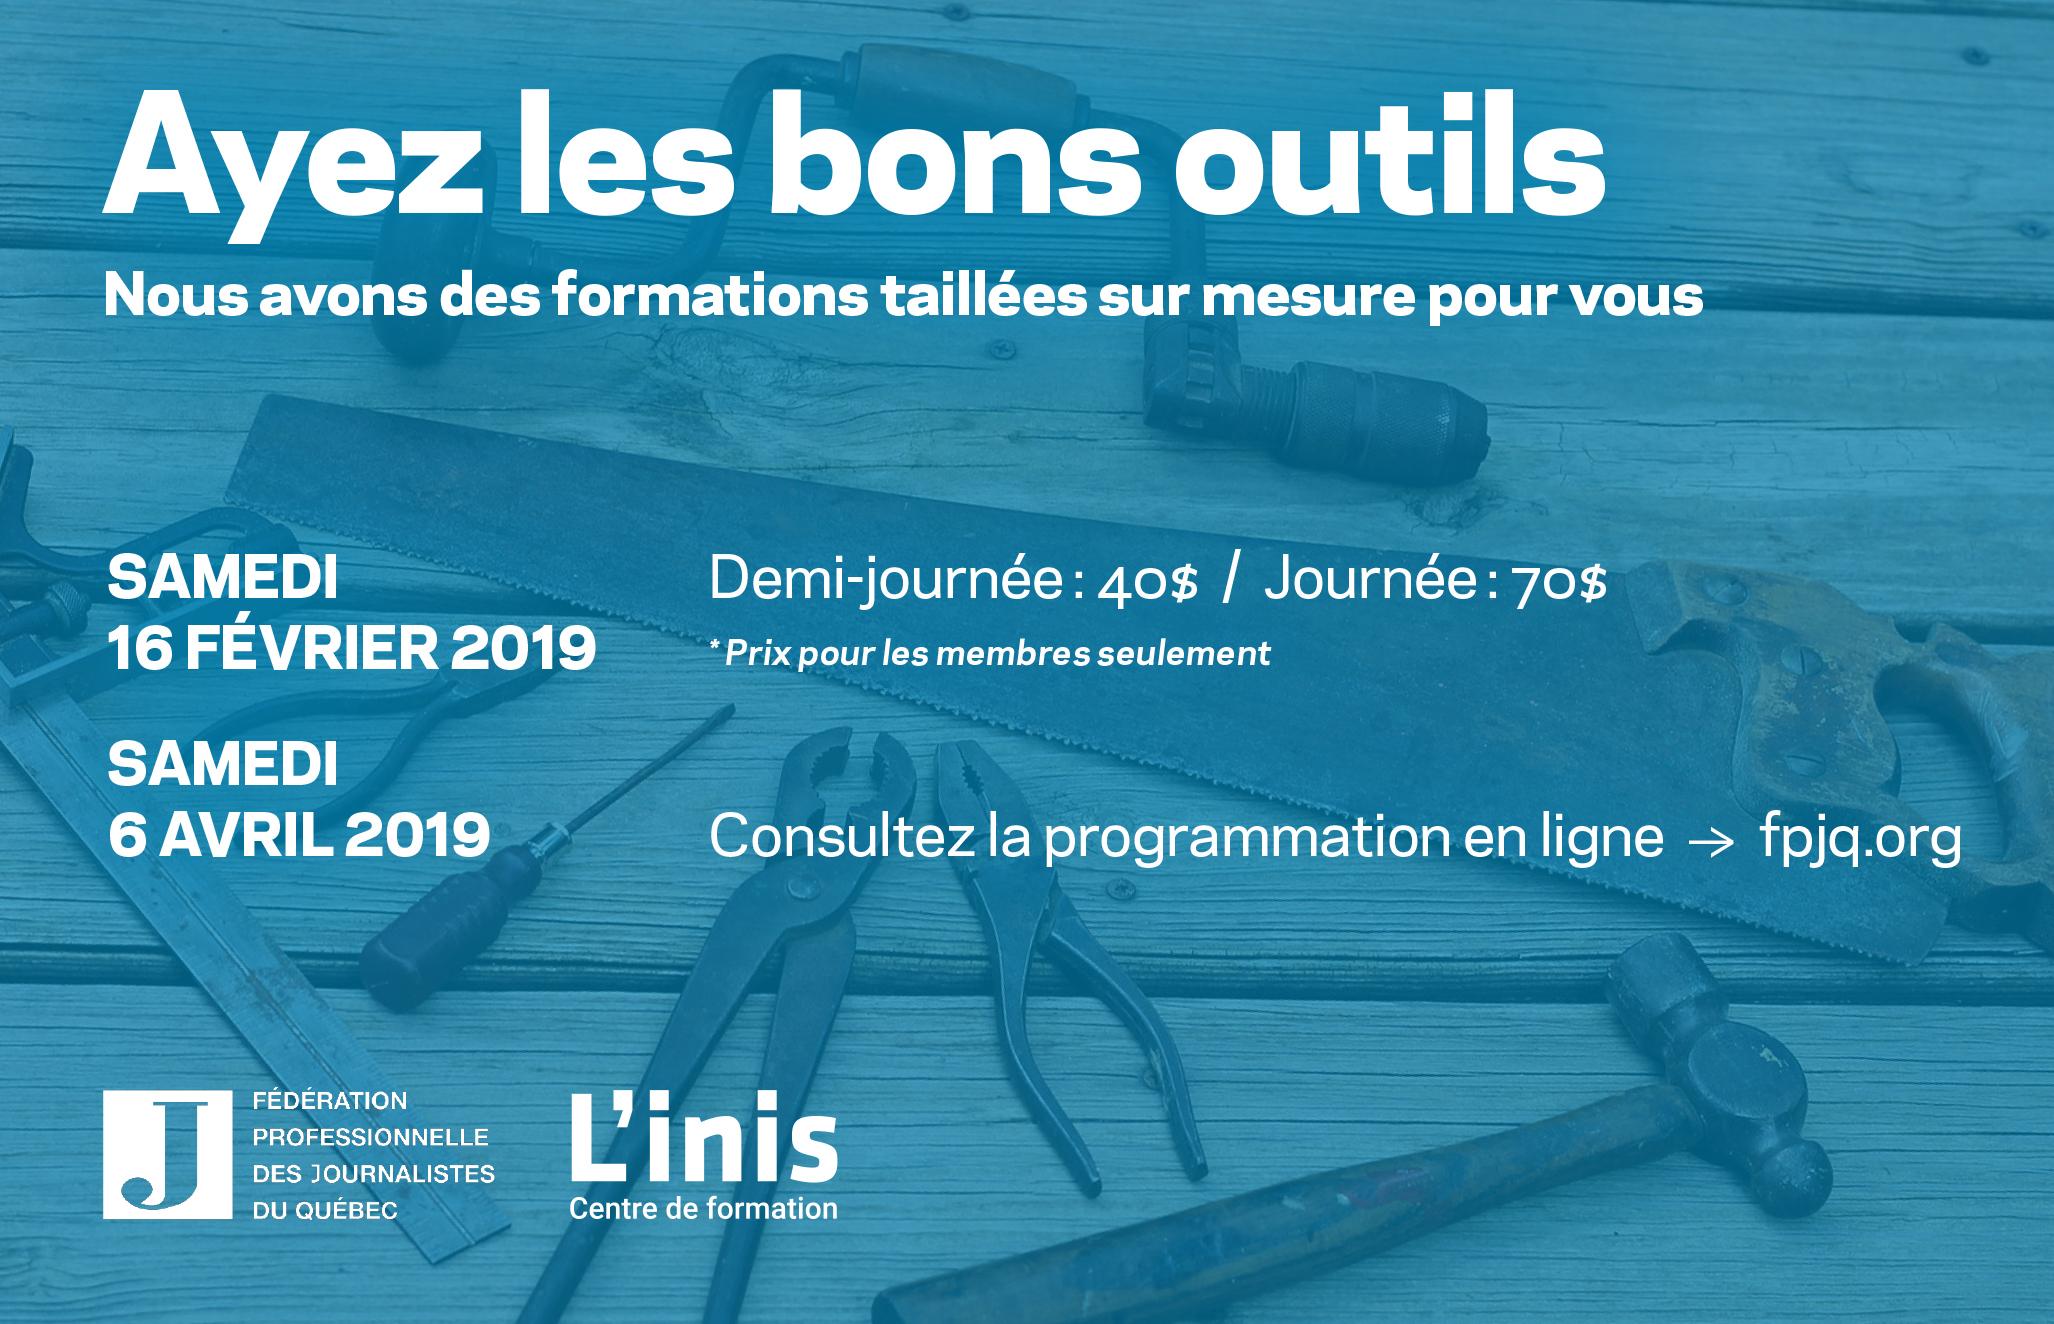 Journées de formations 2019 - Samedis d'apprendre